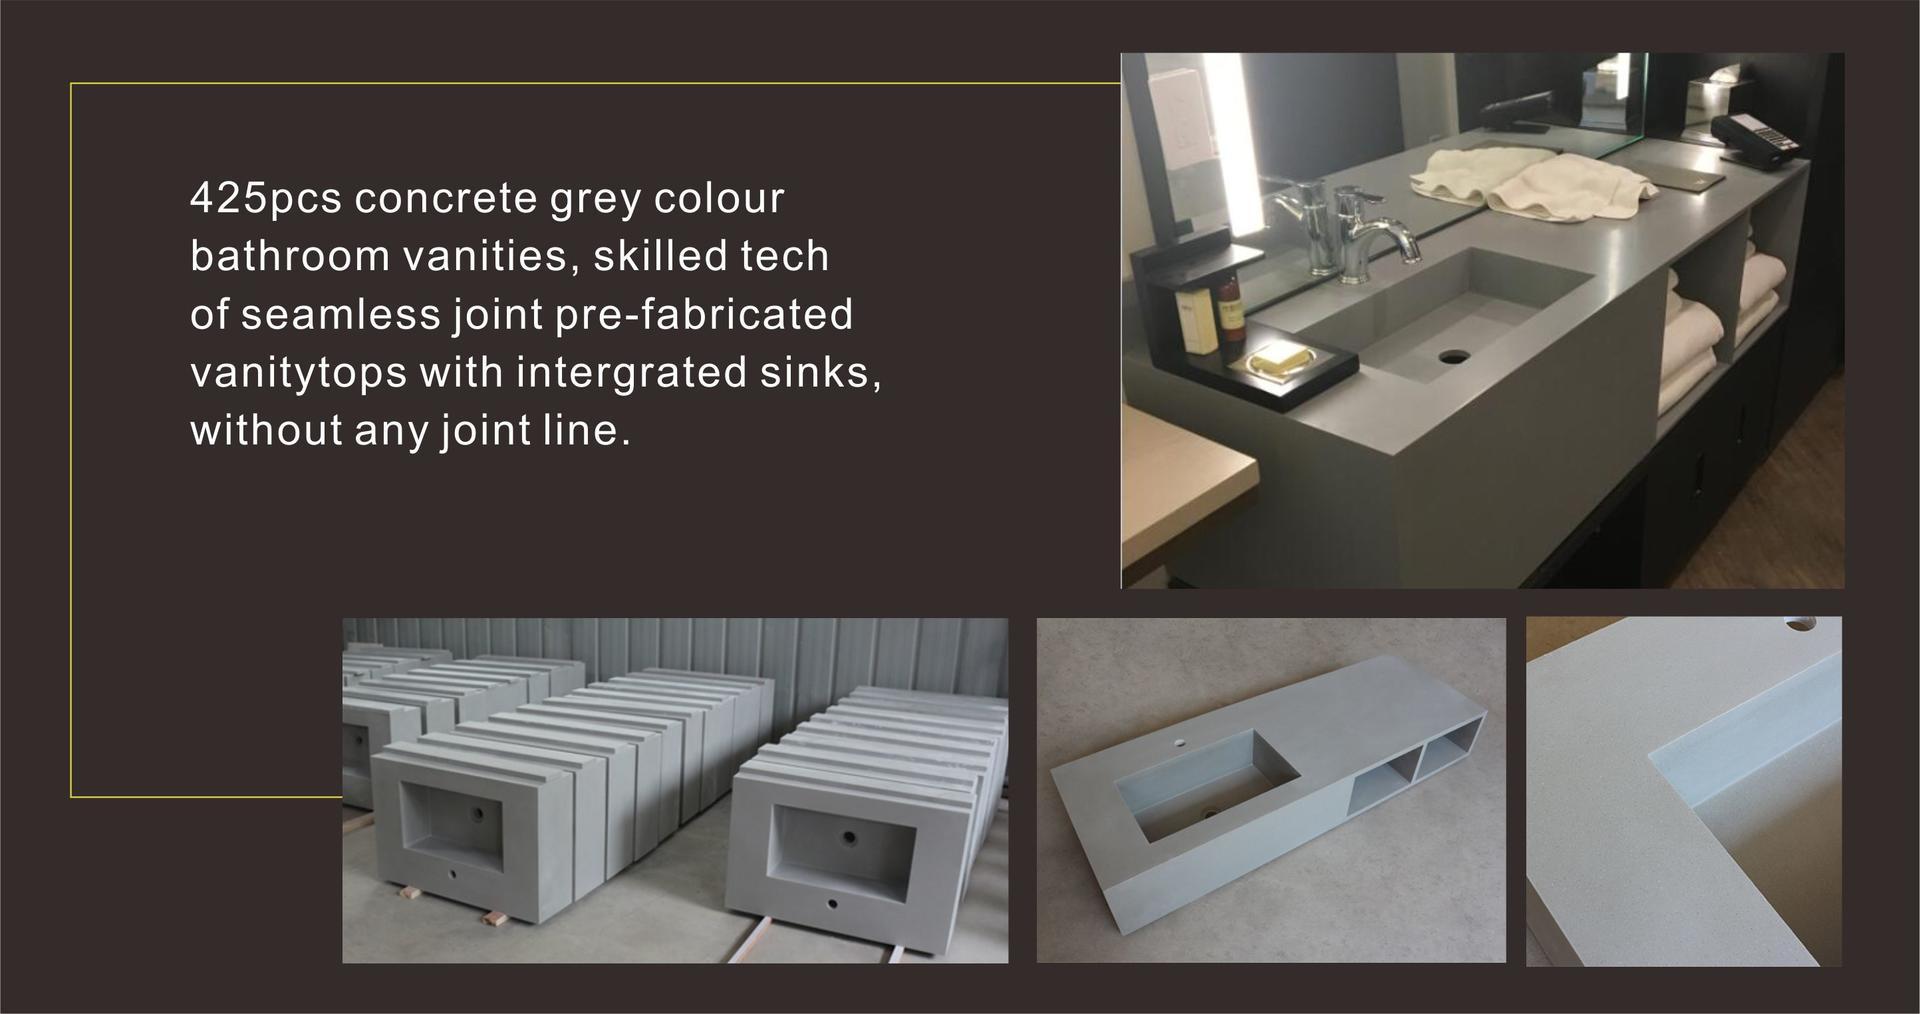 KKR Concrete Grey Bathroom Vanities for US Hotel